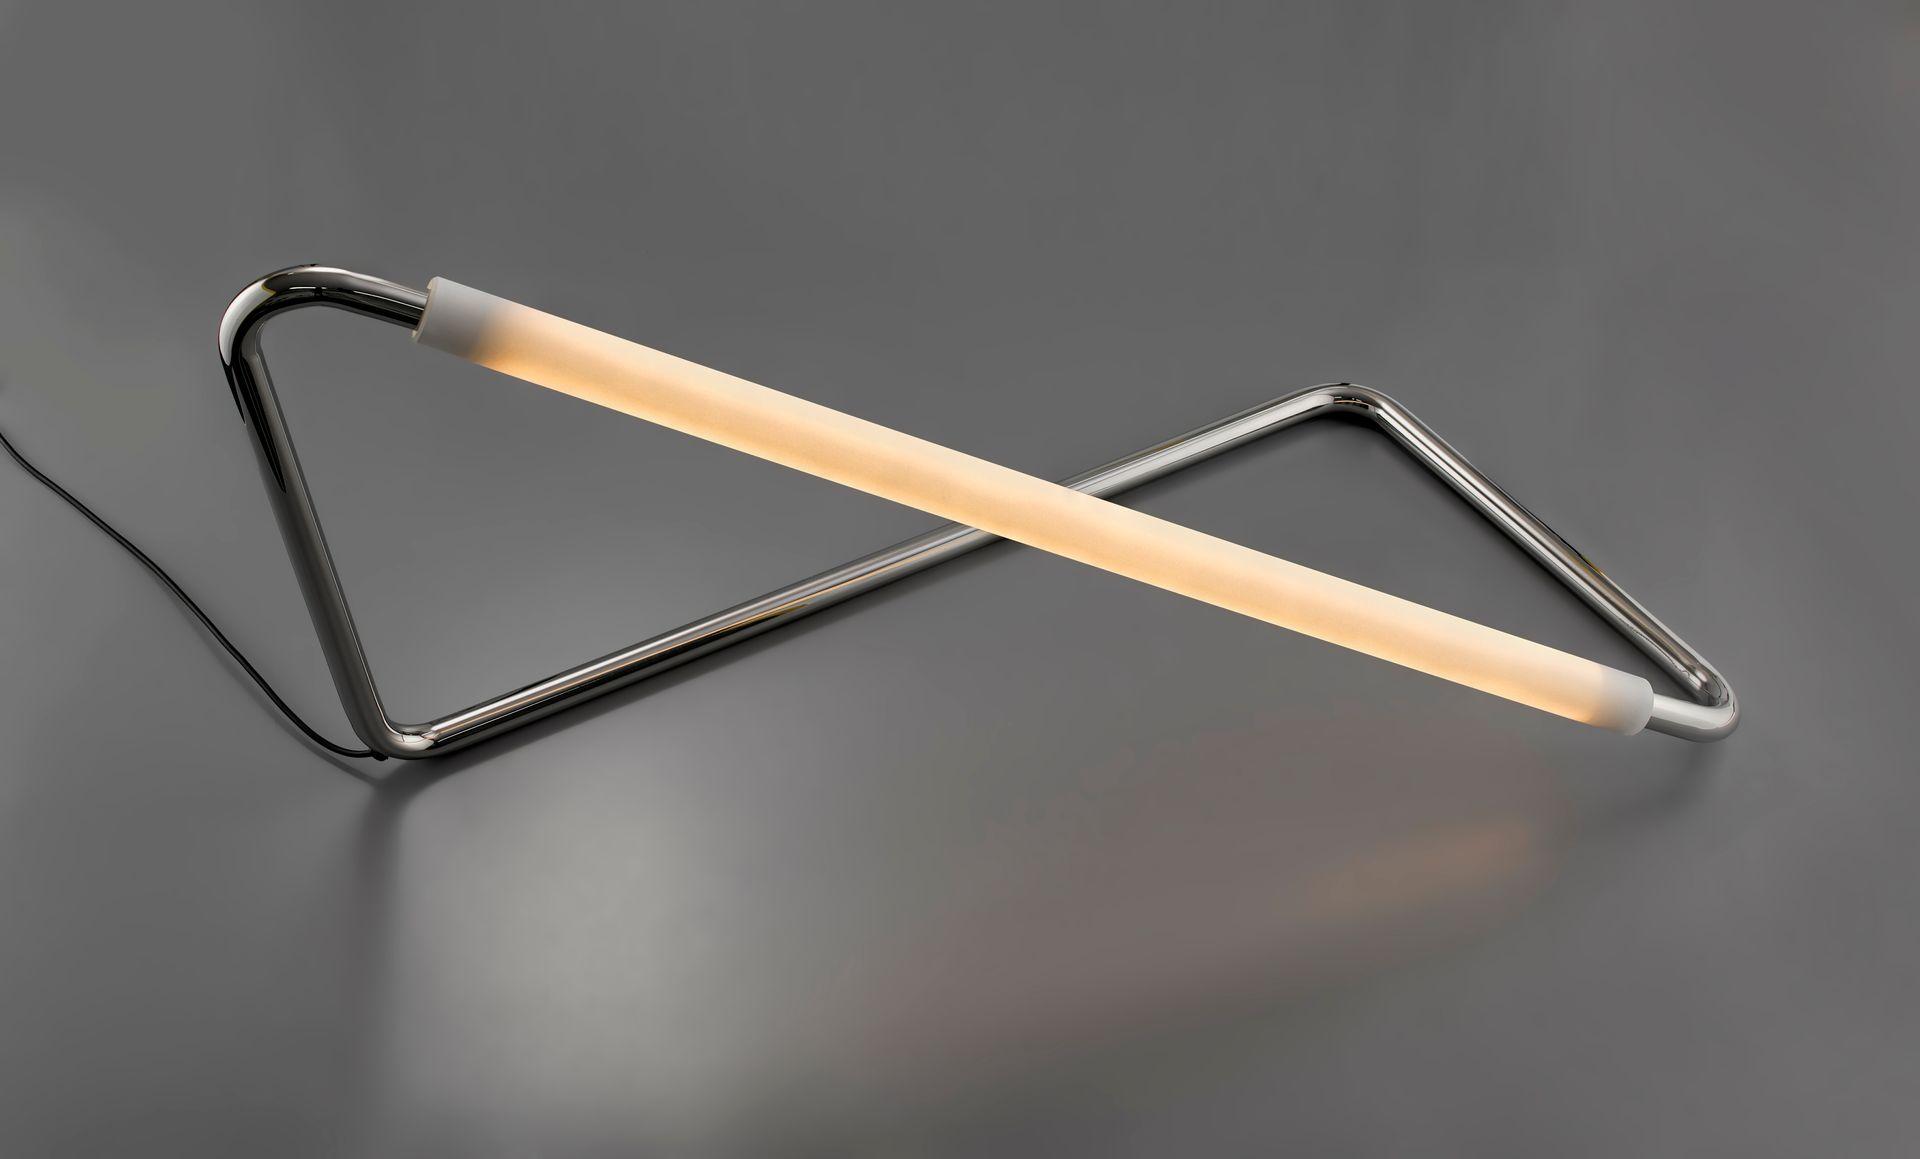 Led Light Pipe Design Guide